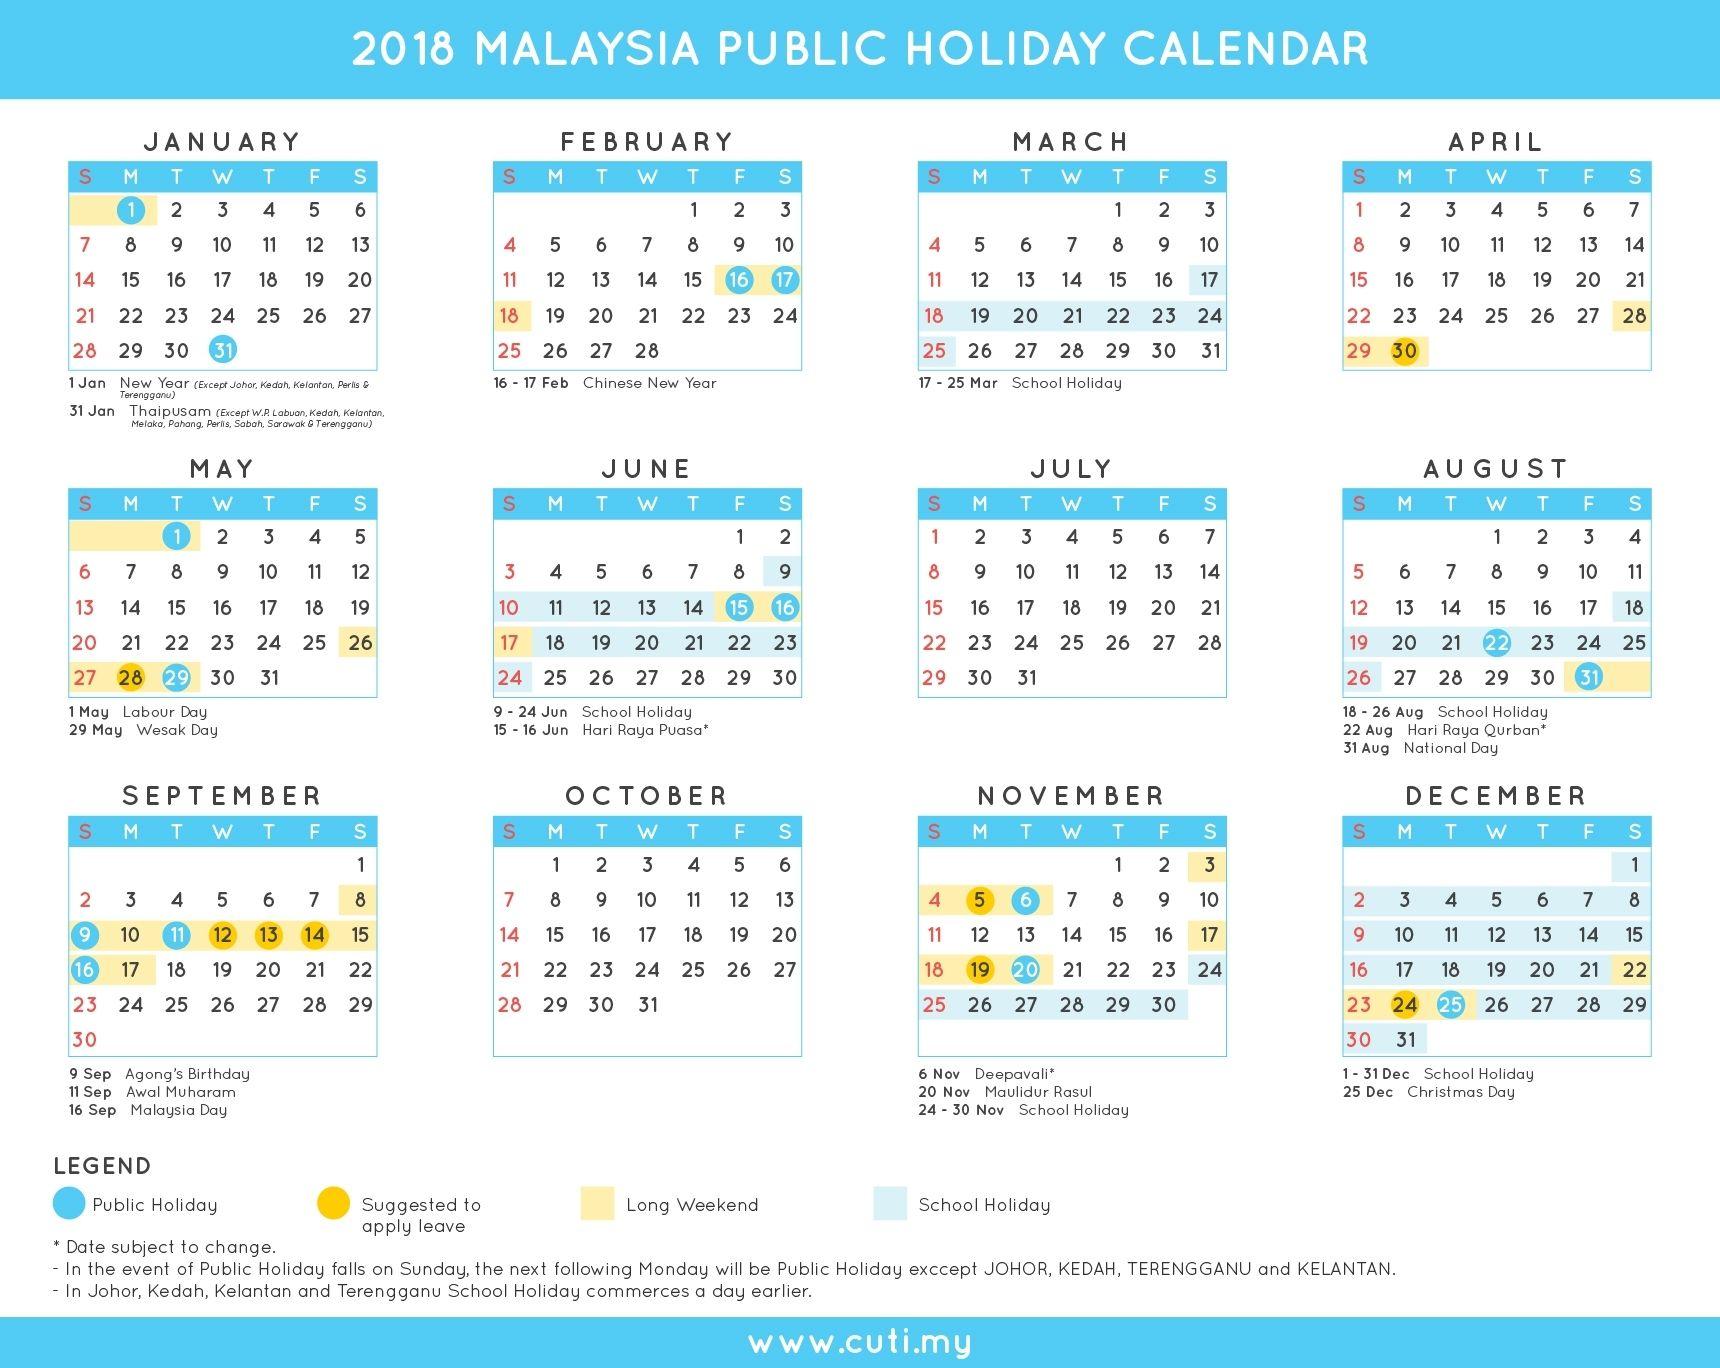 Malaysia 2018 Public Holidays Calendar Cuti My Travel Trips And Make It Holiday Calendar School Holiday Calendar Federal Holiday Calendar